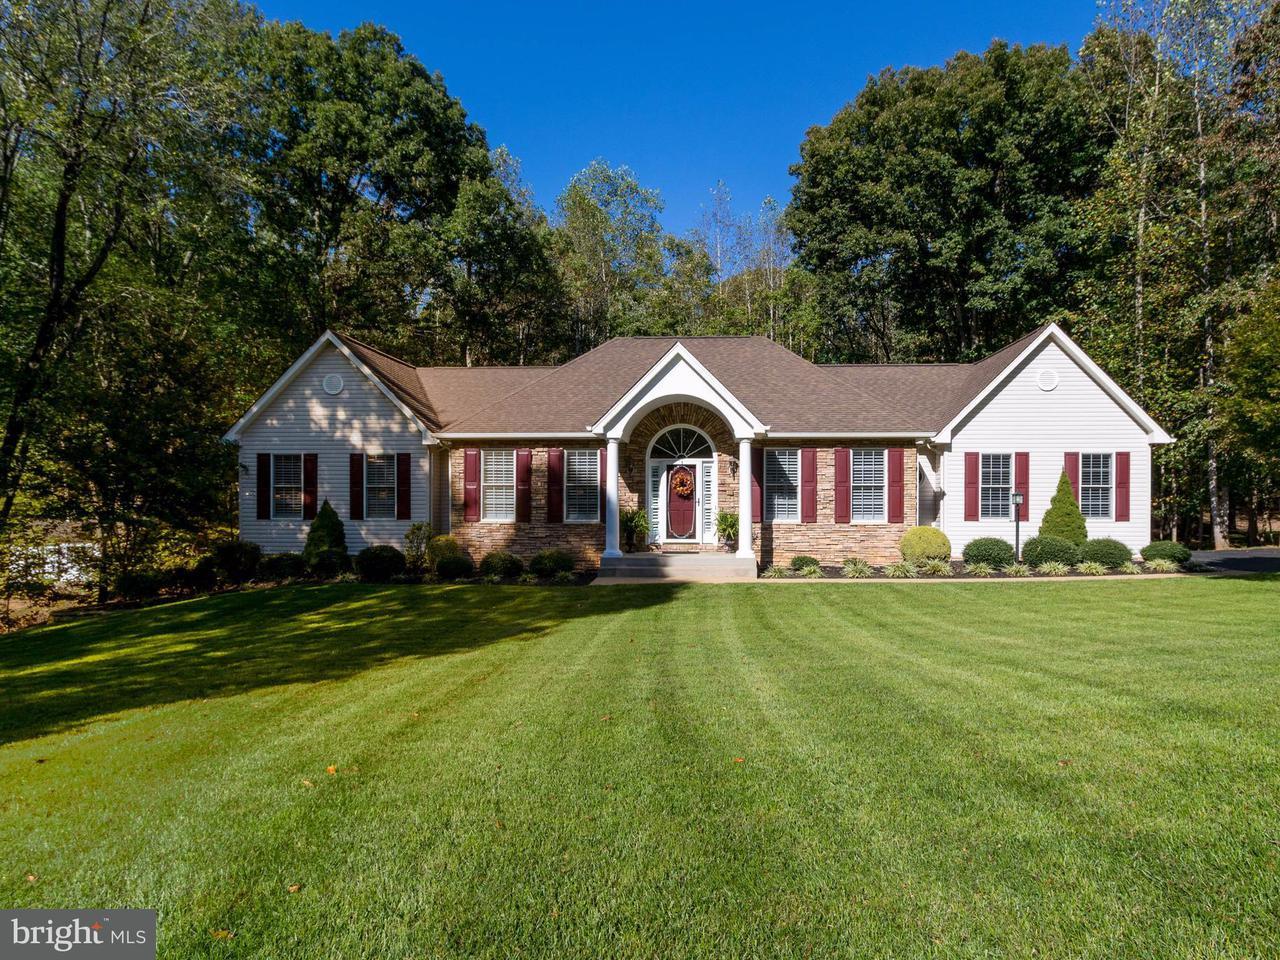 단독 가정 주택 용 매매 에 3142 SOMERSET Drive 3142 SOMERSET Drive Jeffersonton, 버지니아 22724 미국